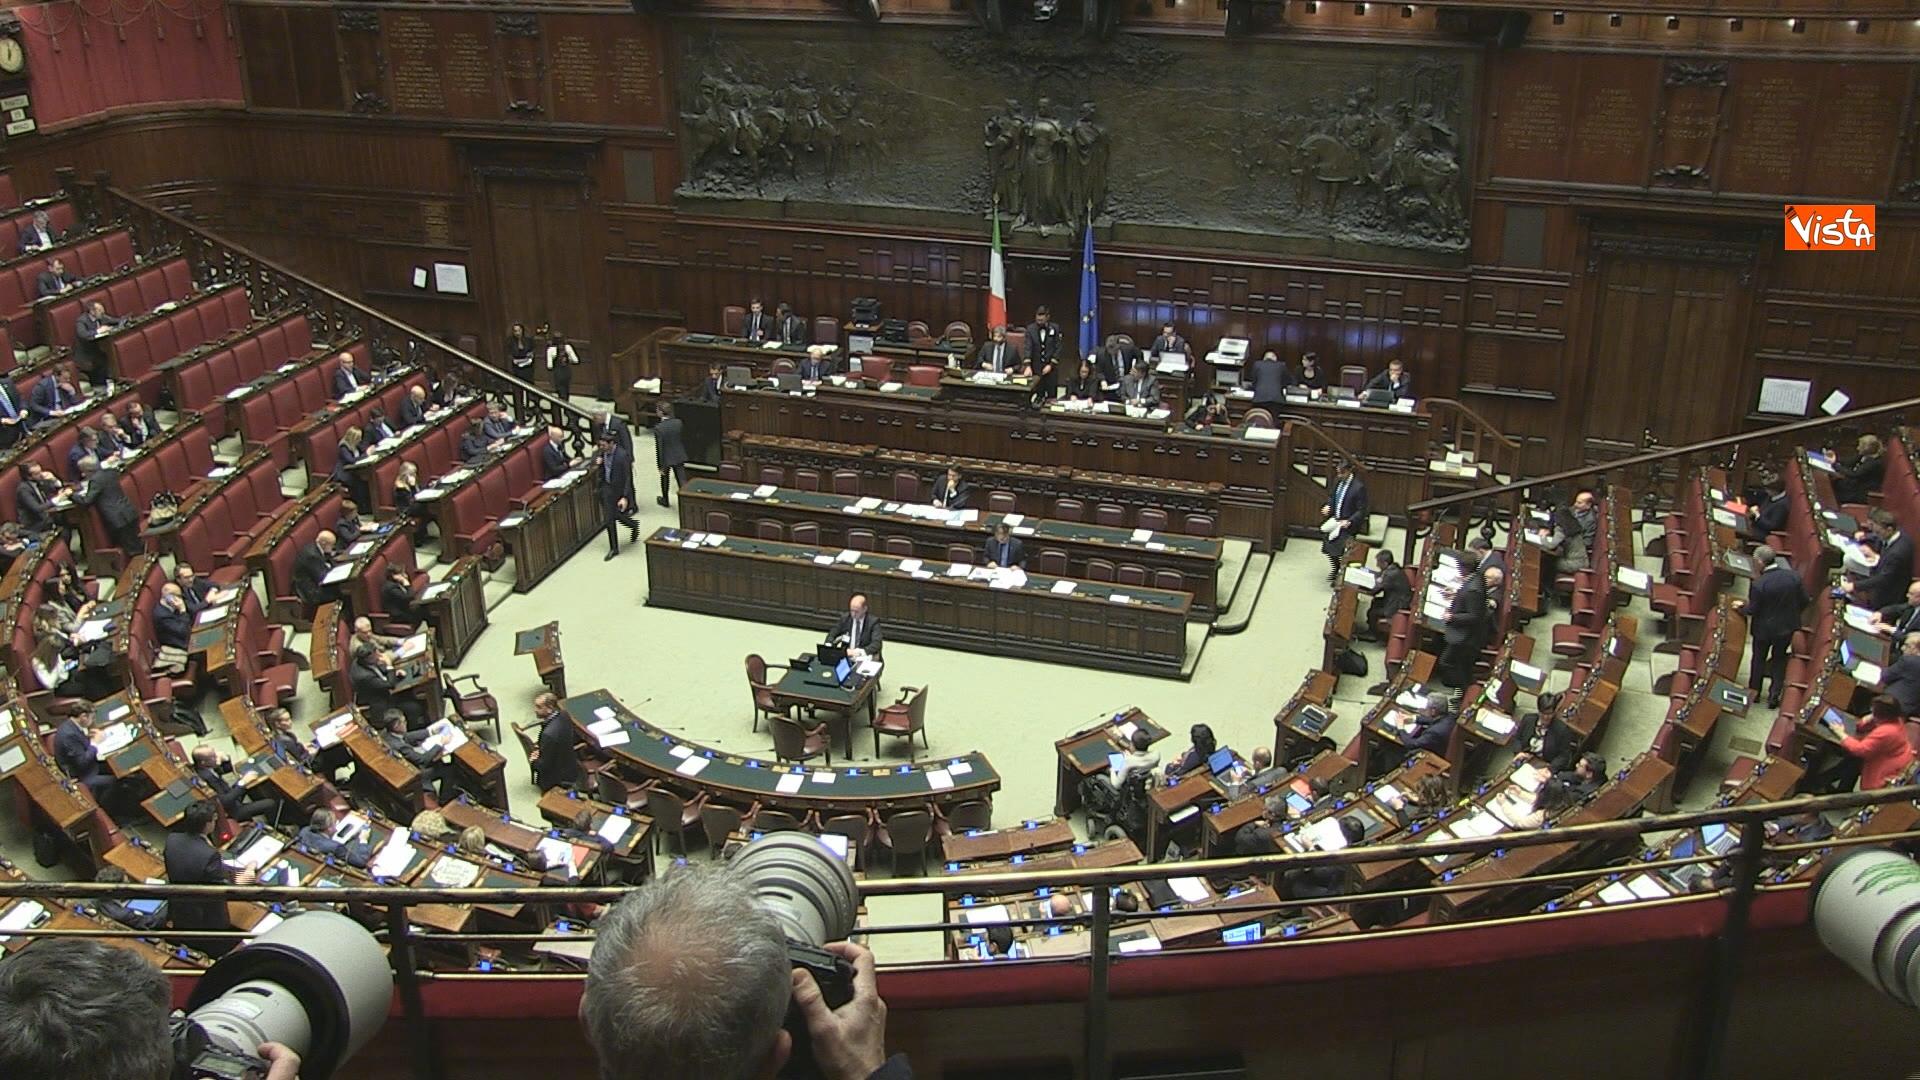 19-03-19 Conte riferisce in Aula Camera su Consiglio Ue e Via della seta immagini_10